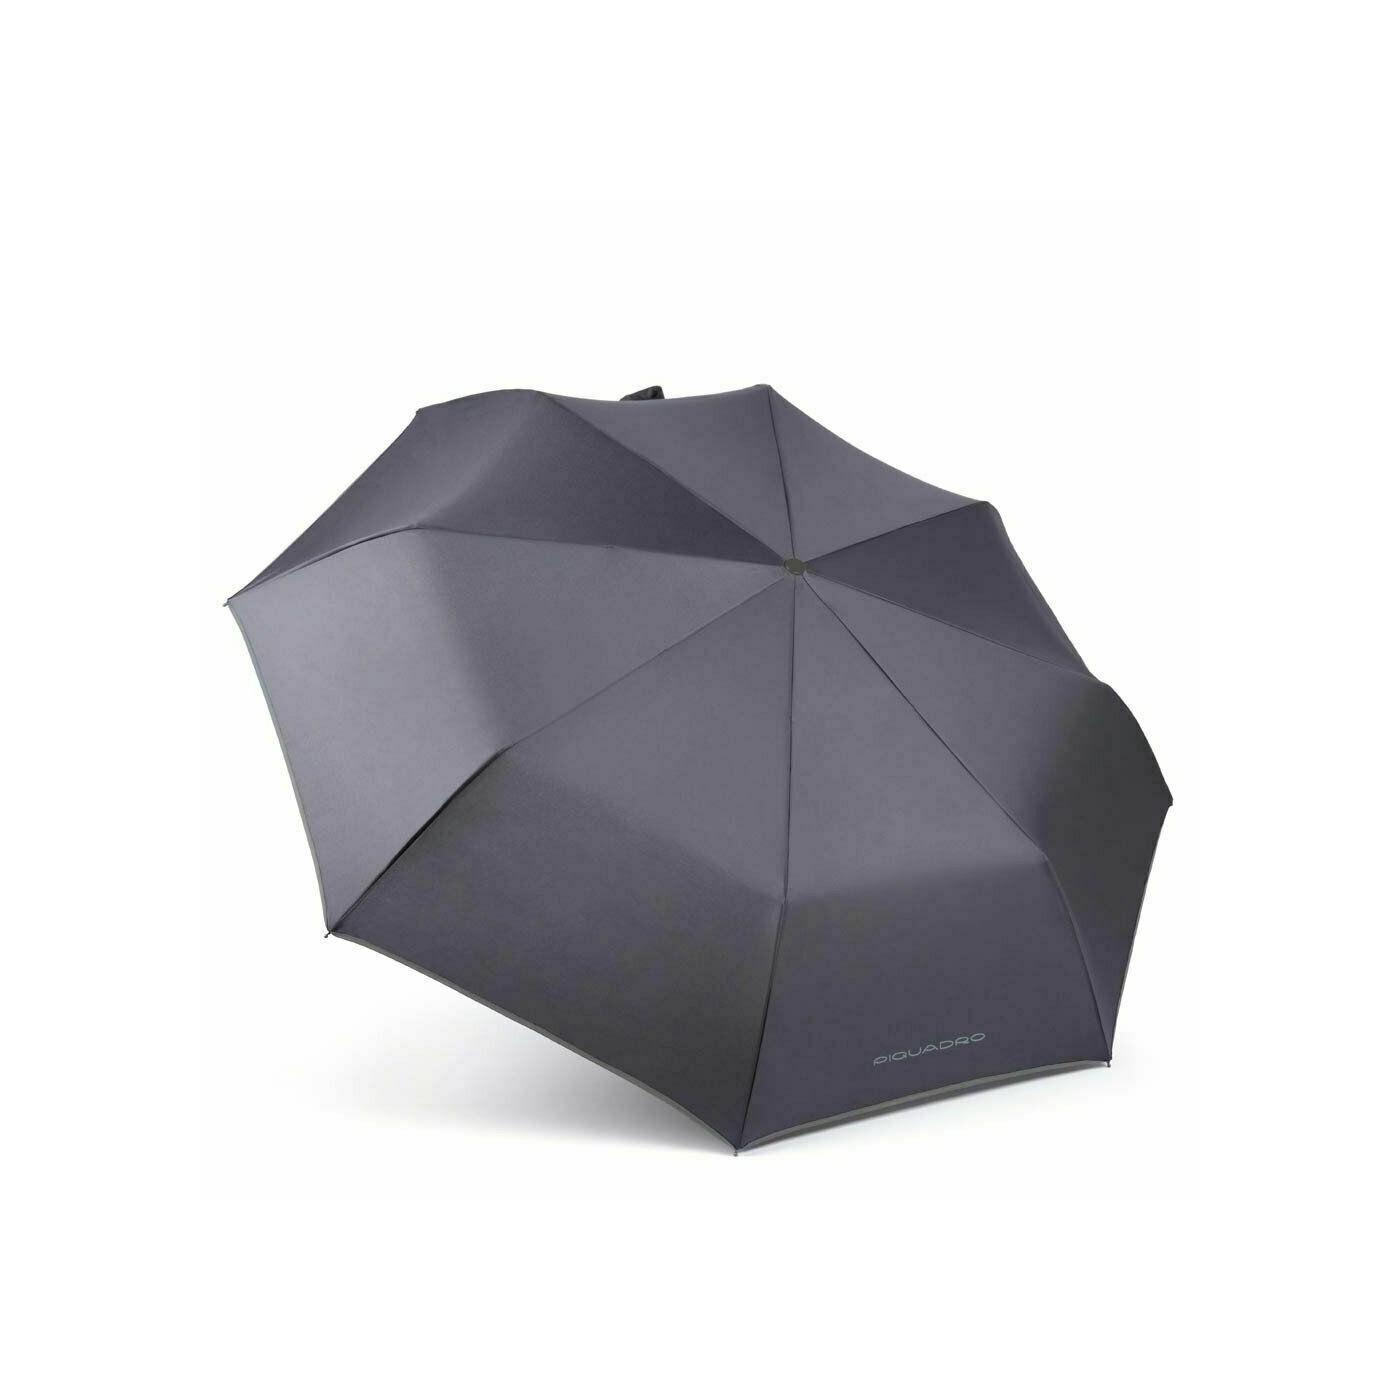 PIQUADRO Stationery ombrello open close automatico manico pelle